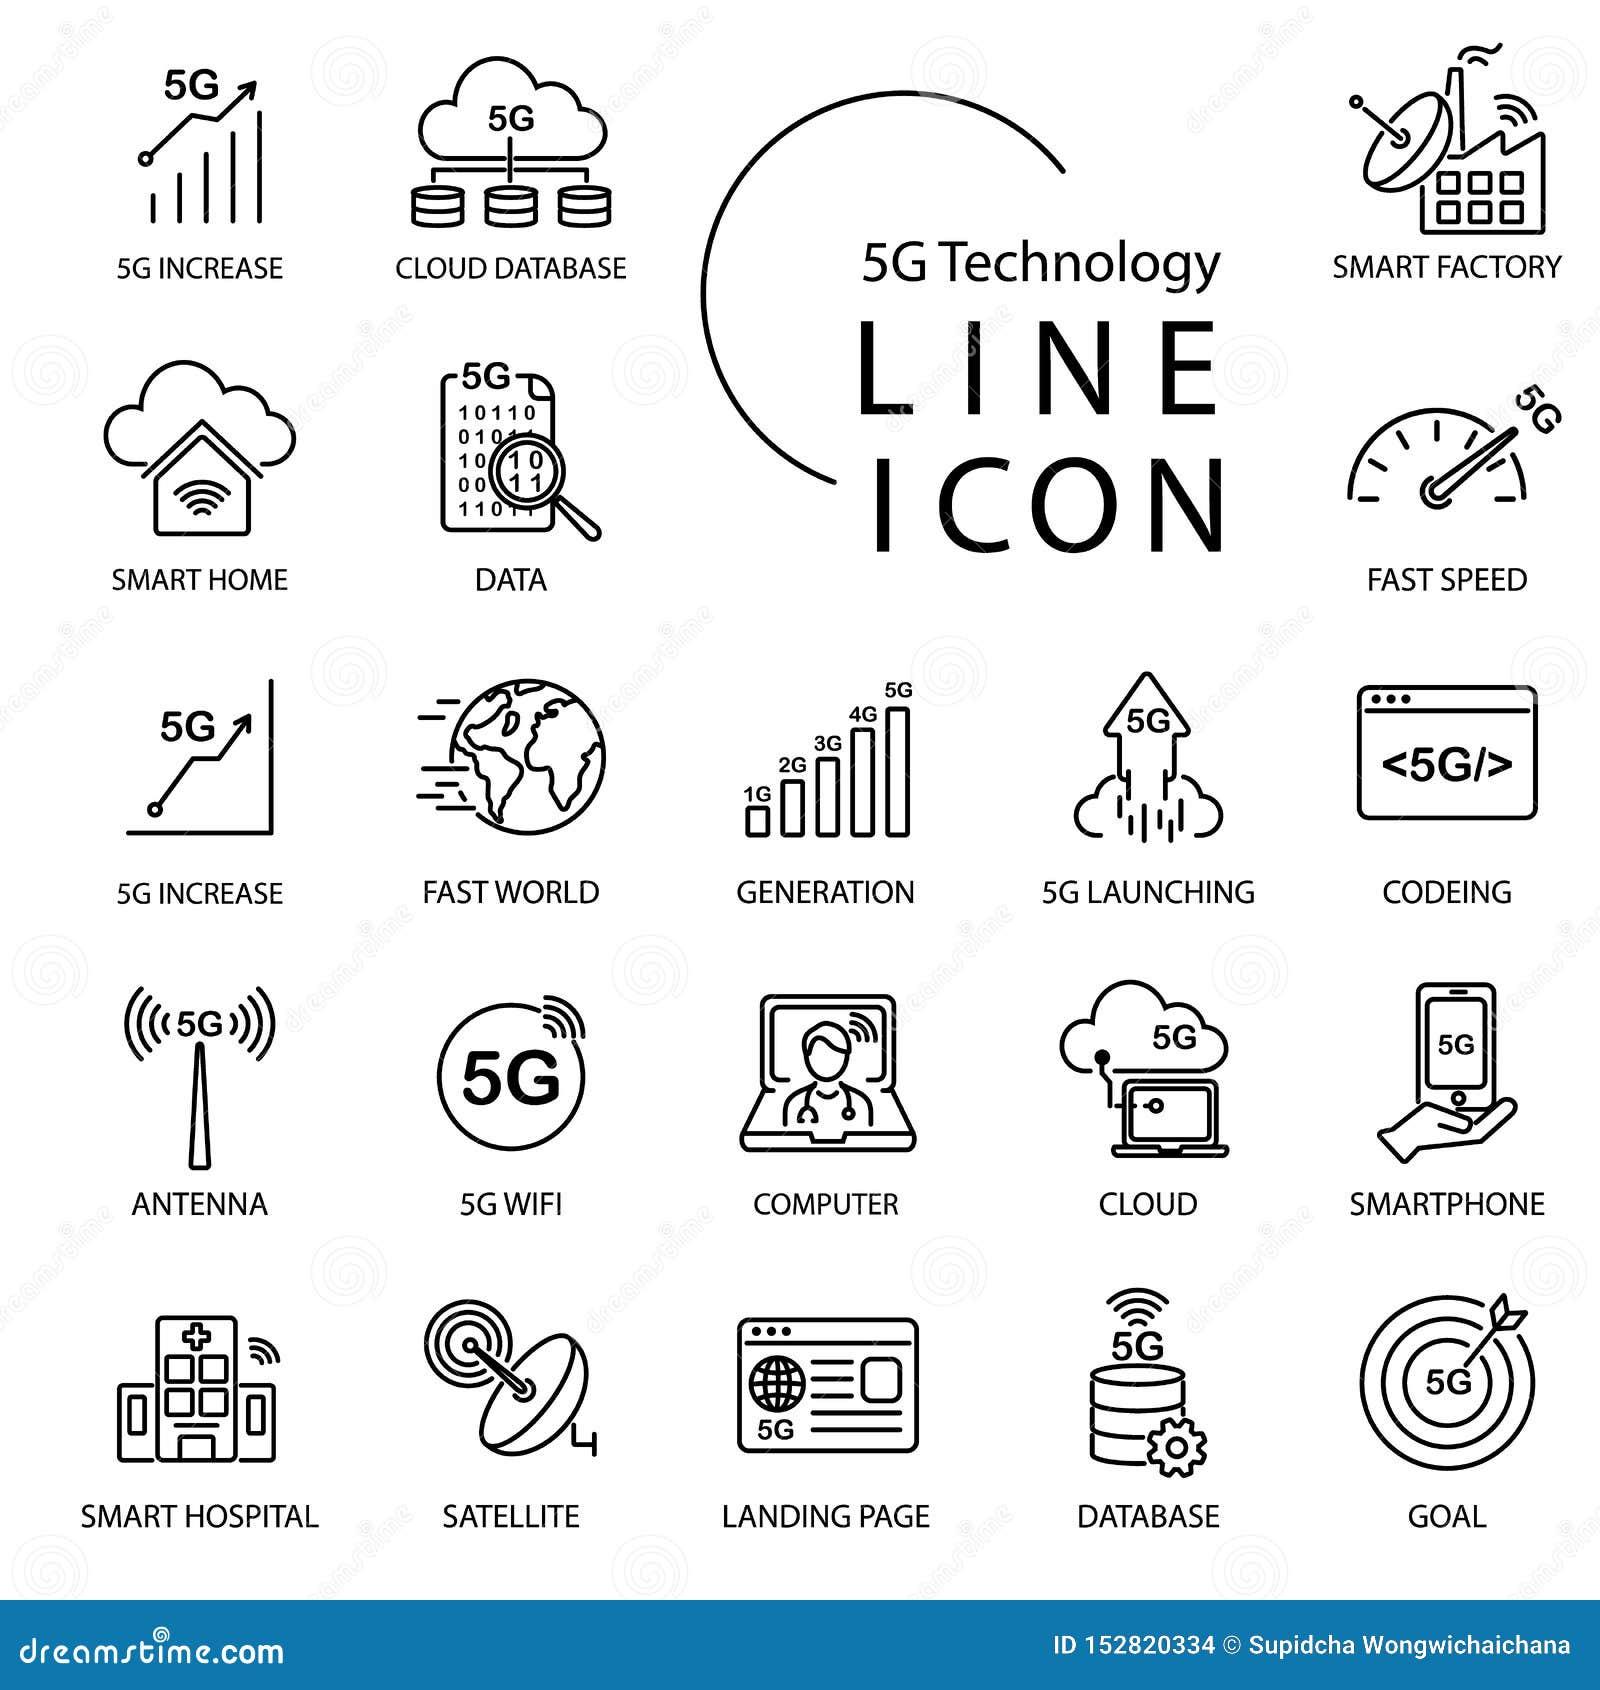 Einfache Linie Ikone über 5G, Internet von thingsIOT Technologie Schließen Sie intelligente Fabrik, wifi, Netz, Wolke und mehr mi